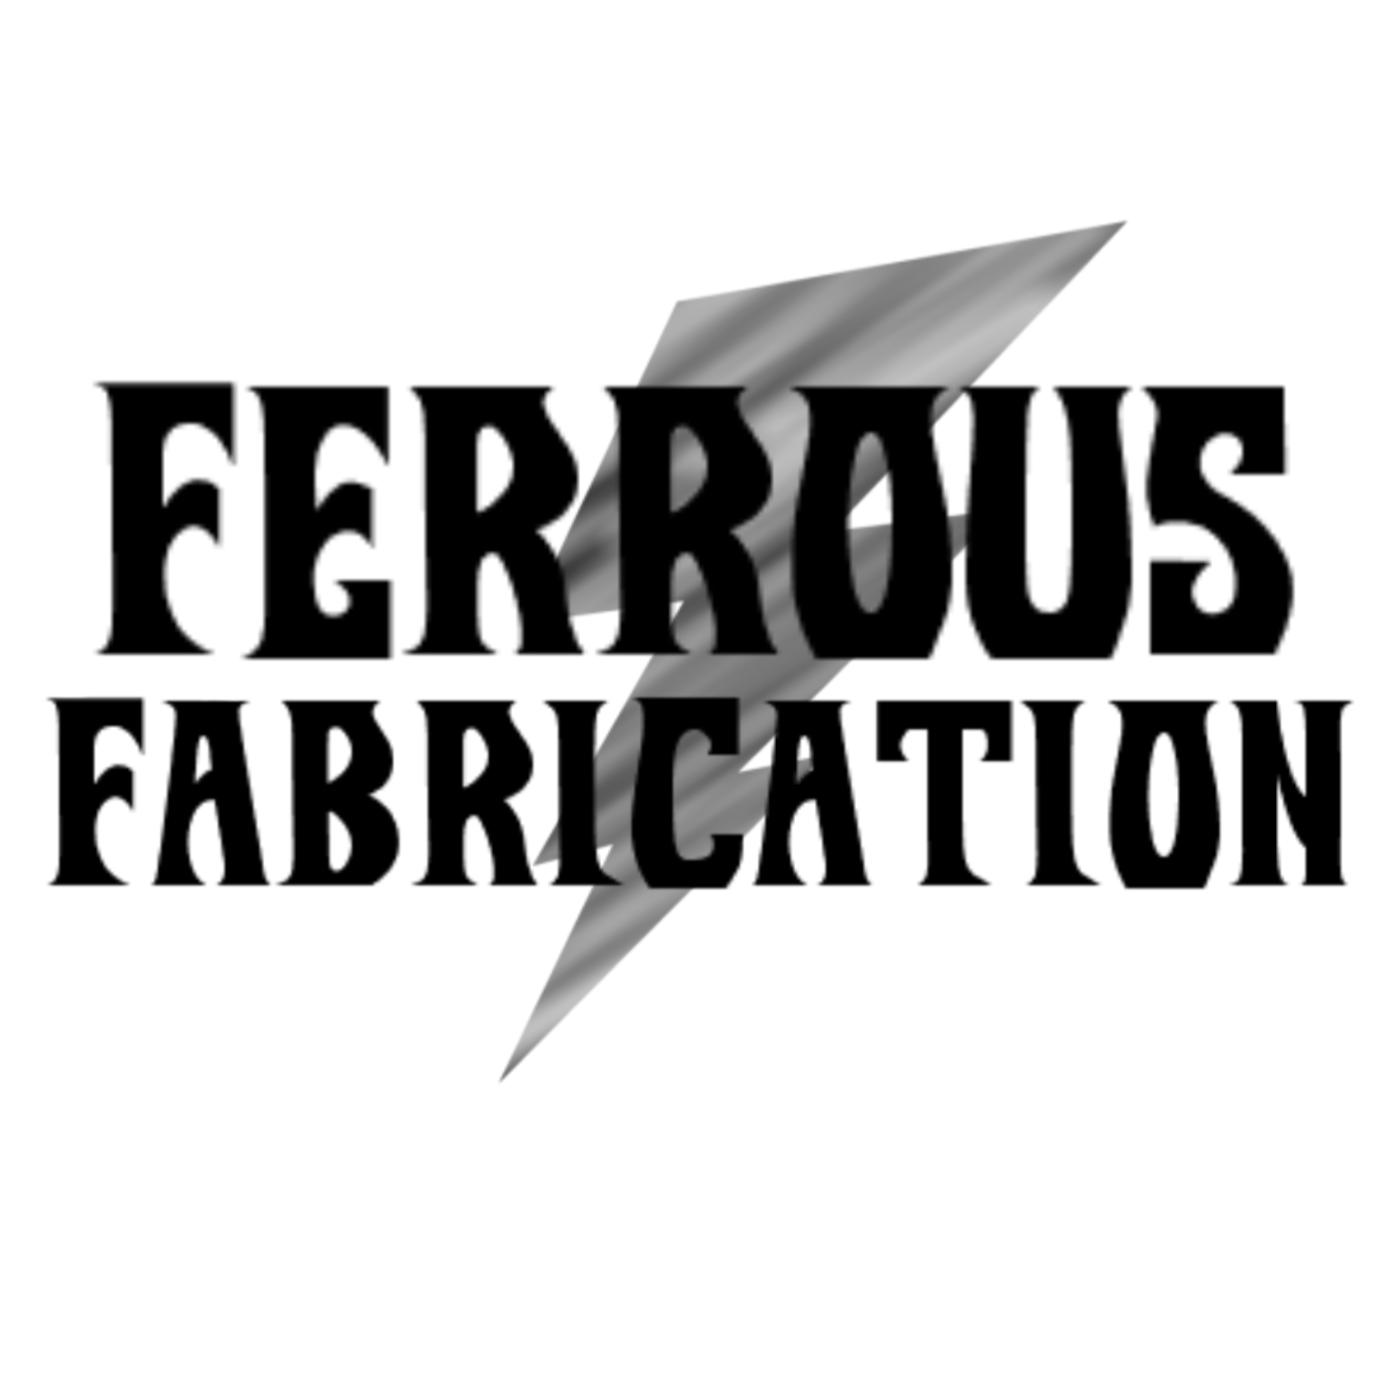 Ferrous Fabrication